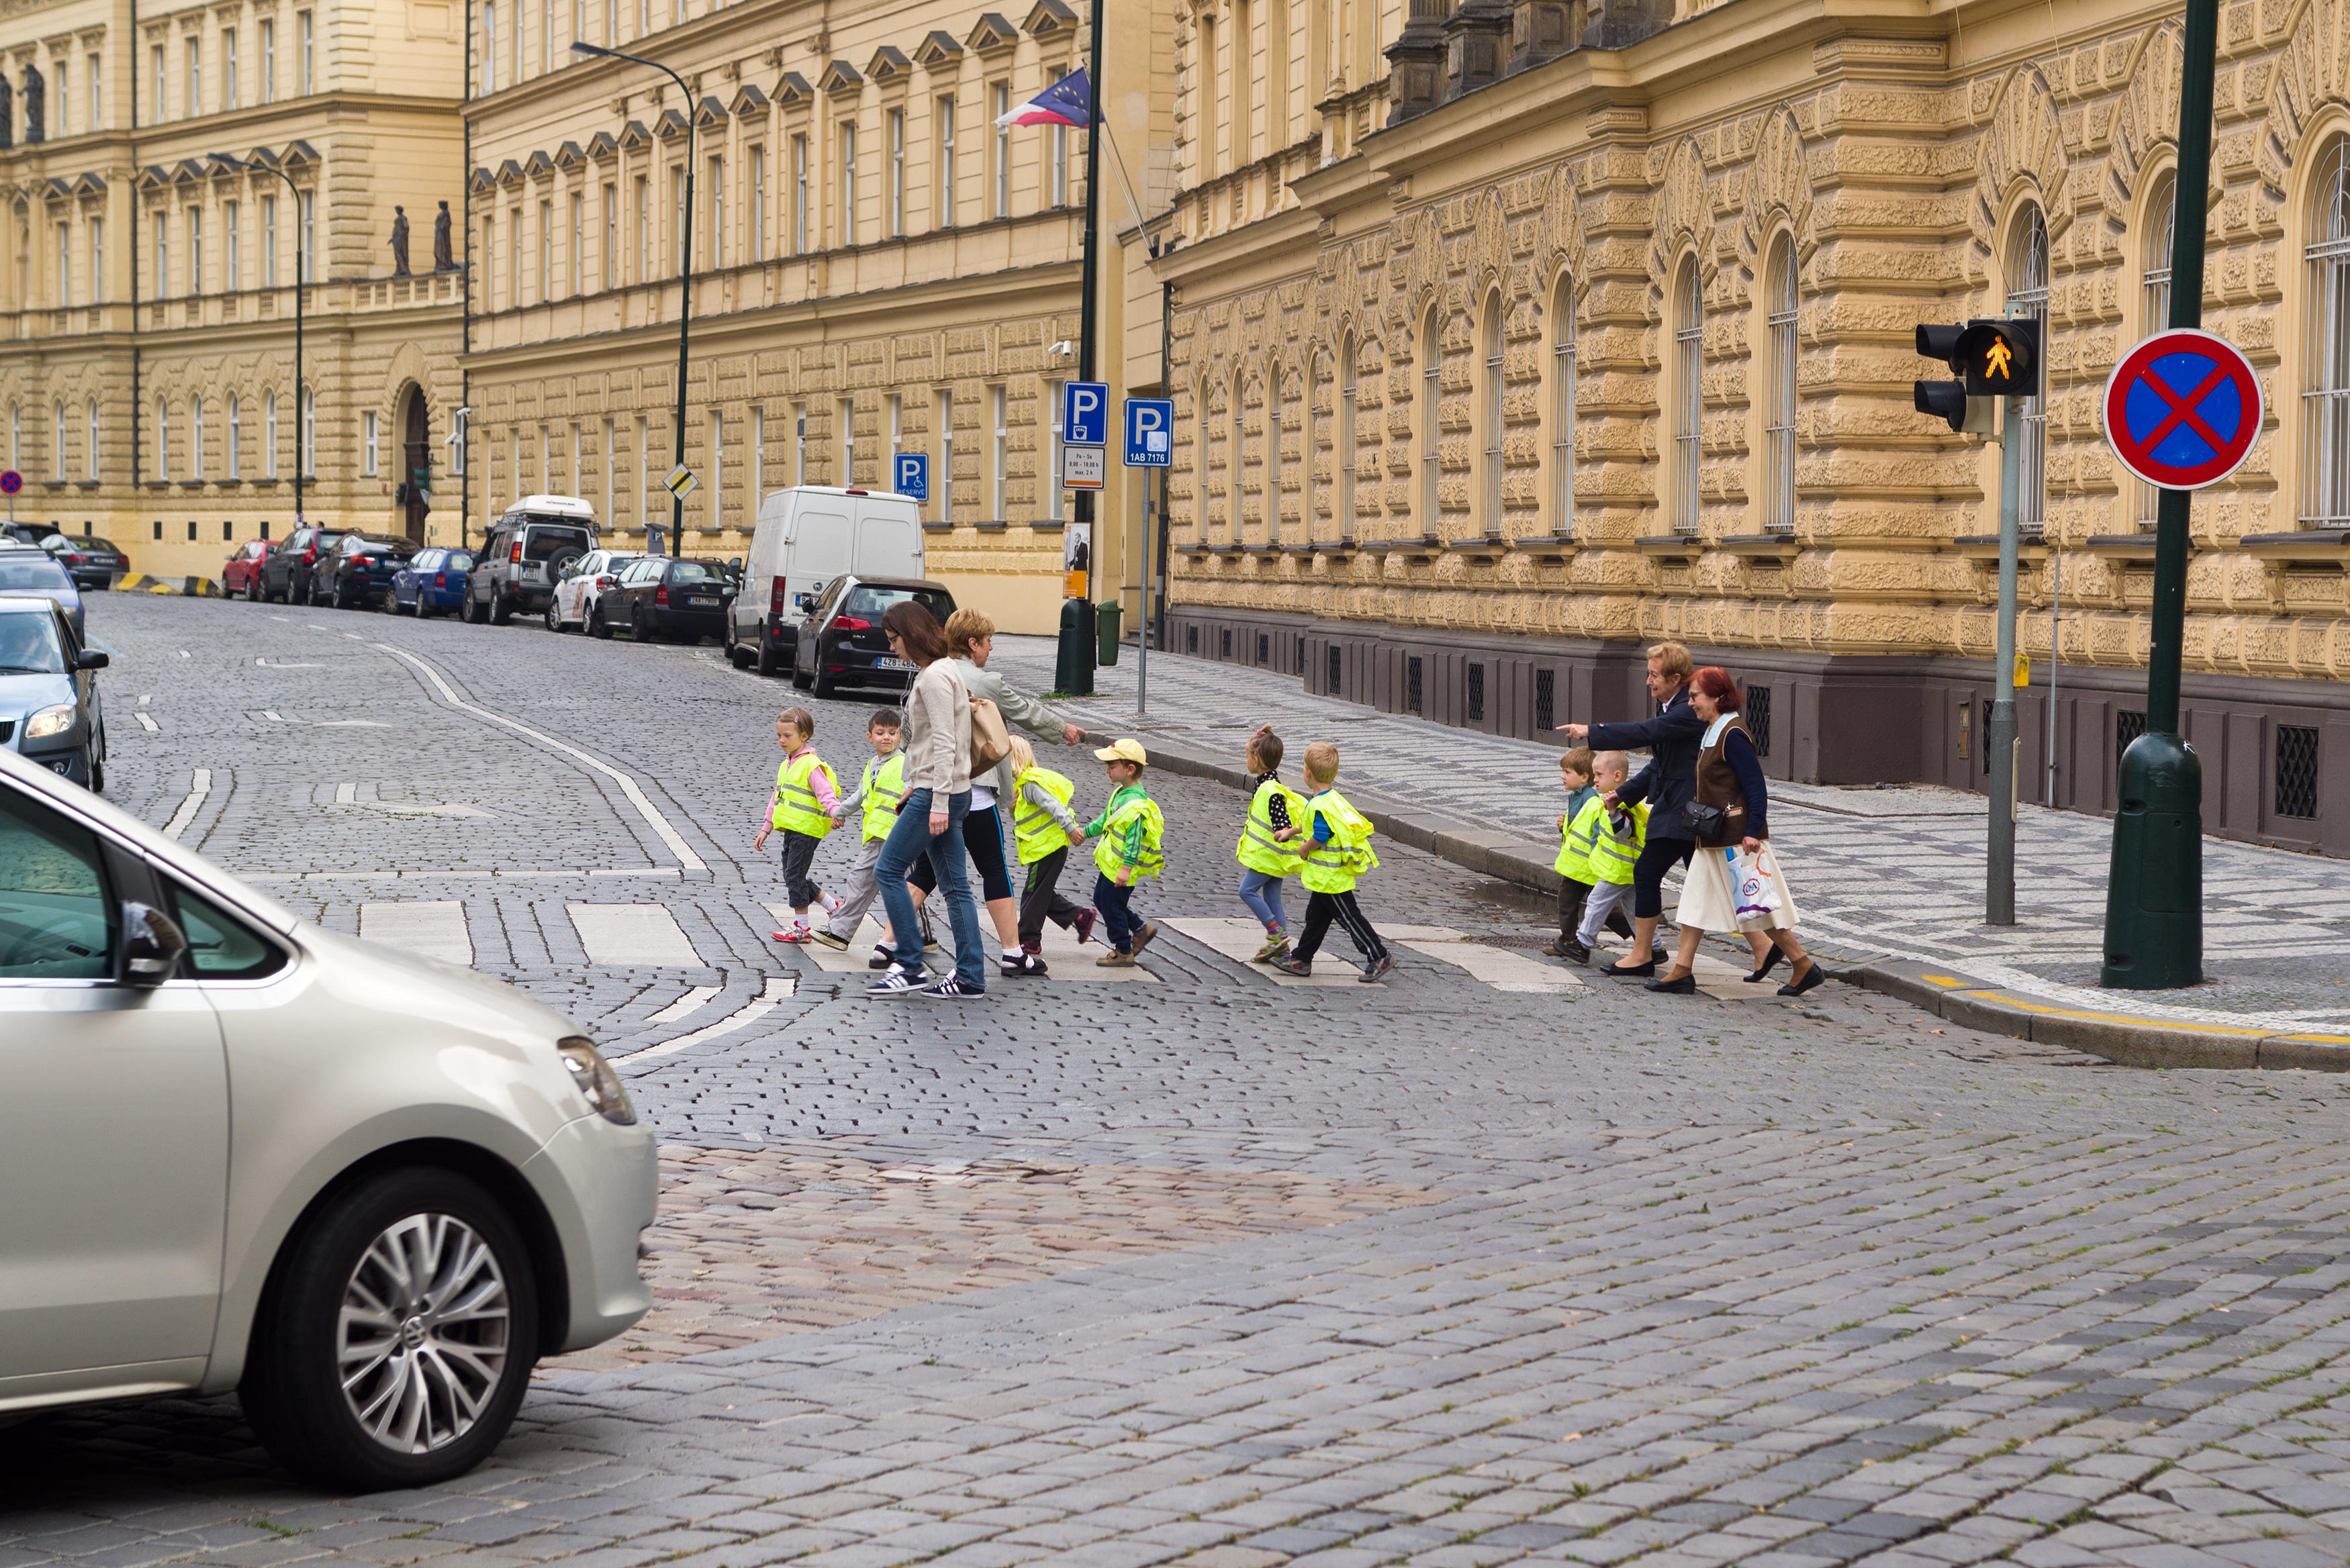 Enfants traversent sur le passage piéton